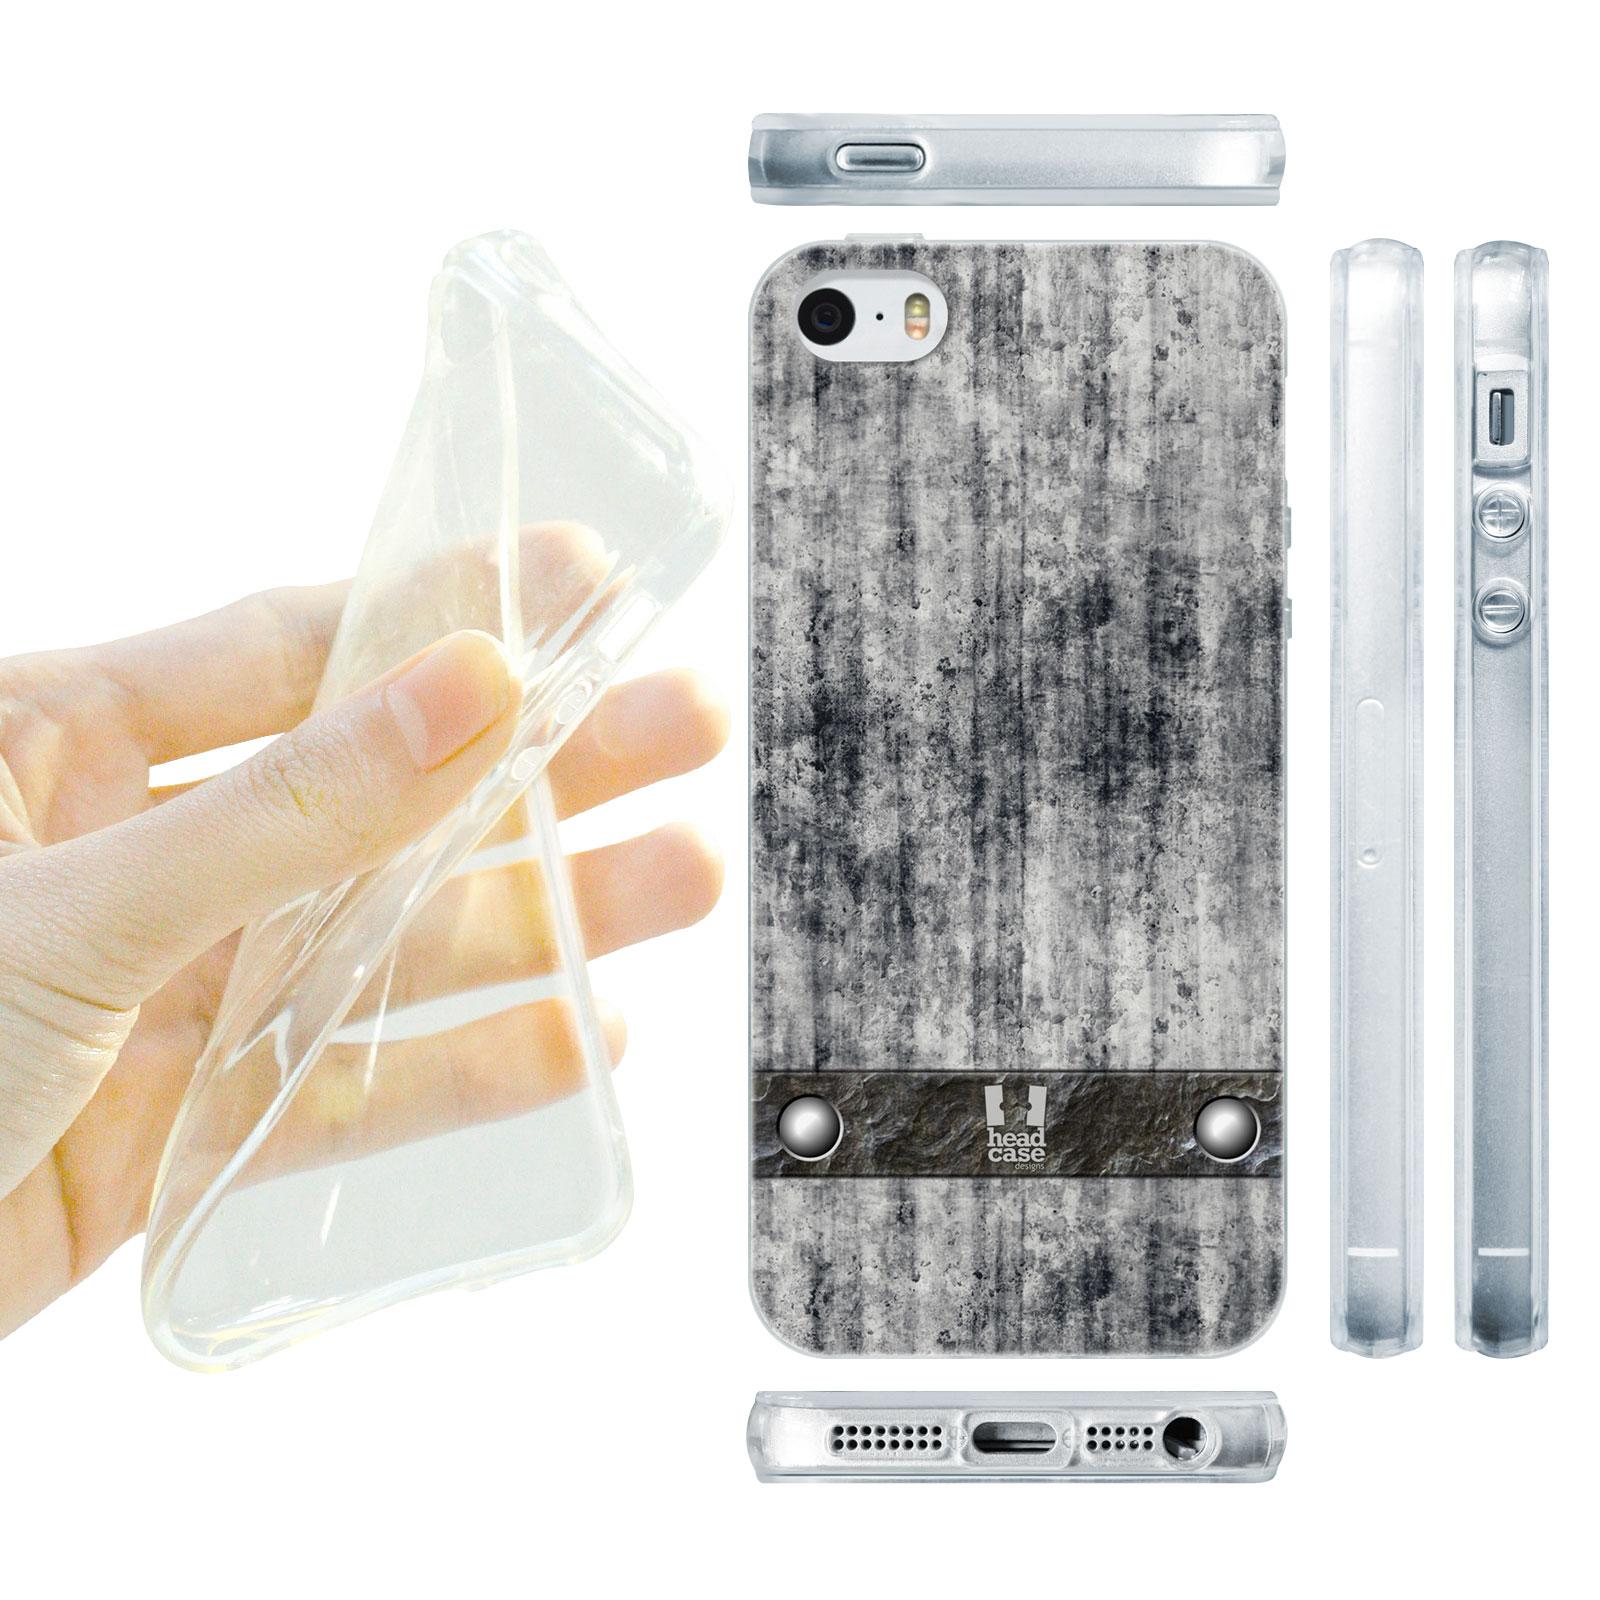 HEAD CASE silikonový obal na mobil Iphone 5/5S imitace beton šedá barva